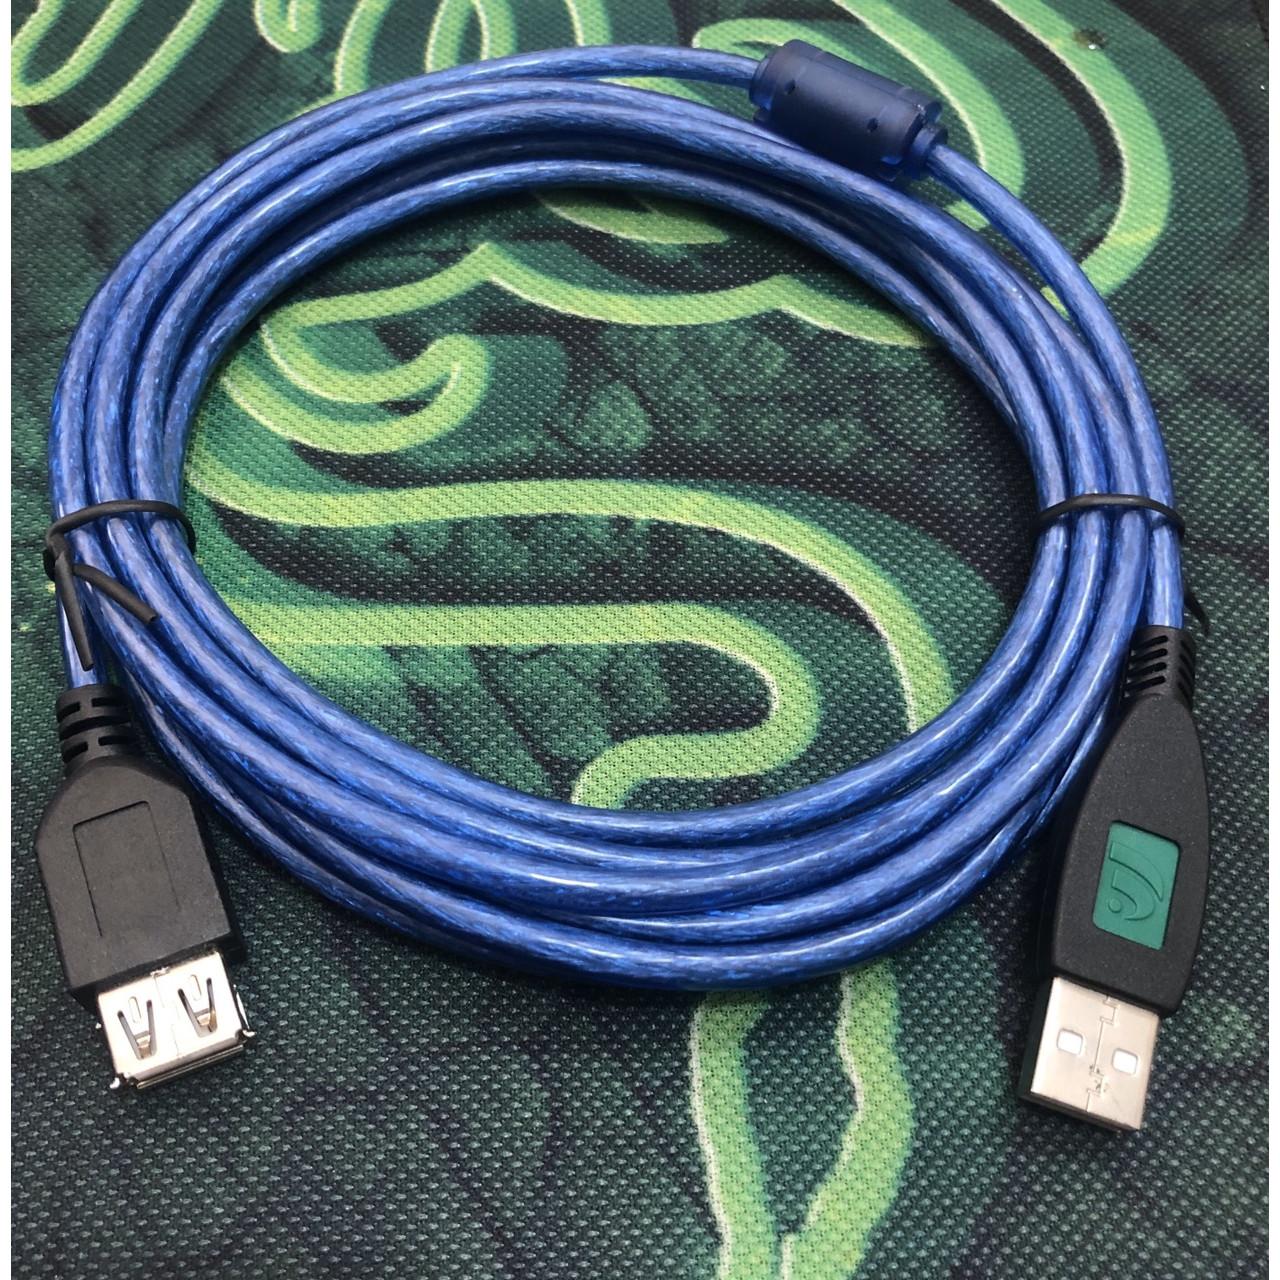 Cáp usb nối dài màu xanh chống nhiễu dài 3 mét